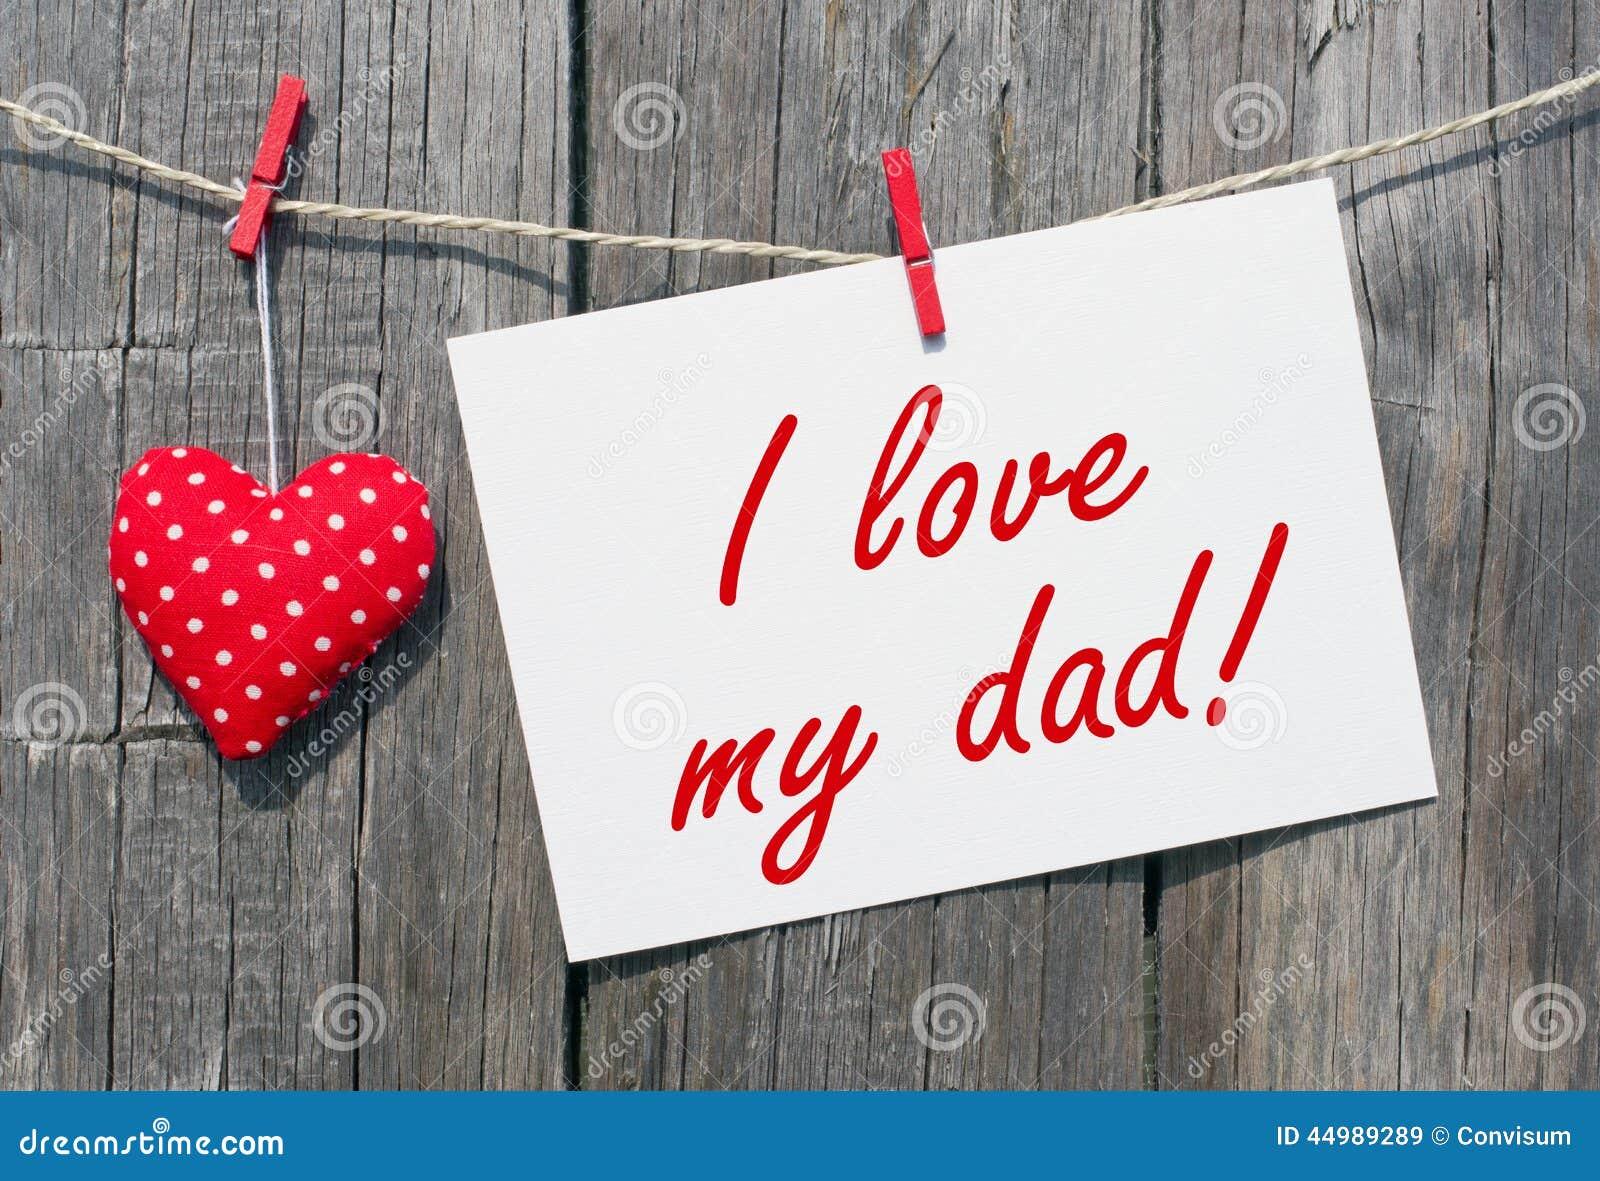 i love my dad stock image image of clothesline wood 44989289. Black Bedroom Furniture Sets. Home Design Ideas